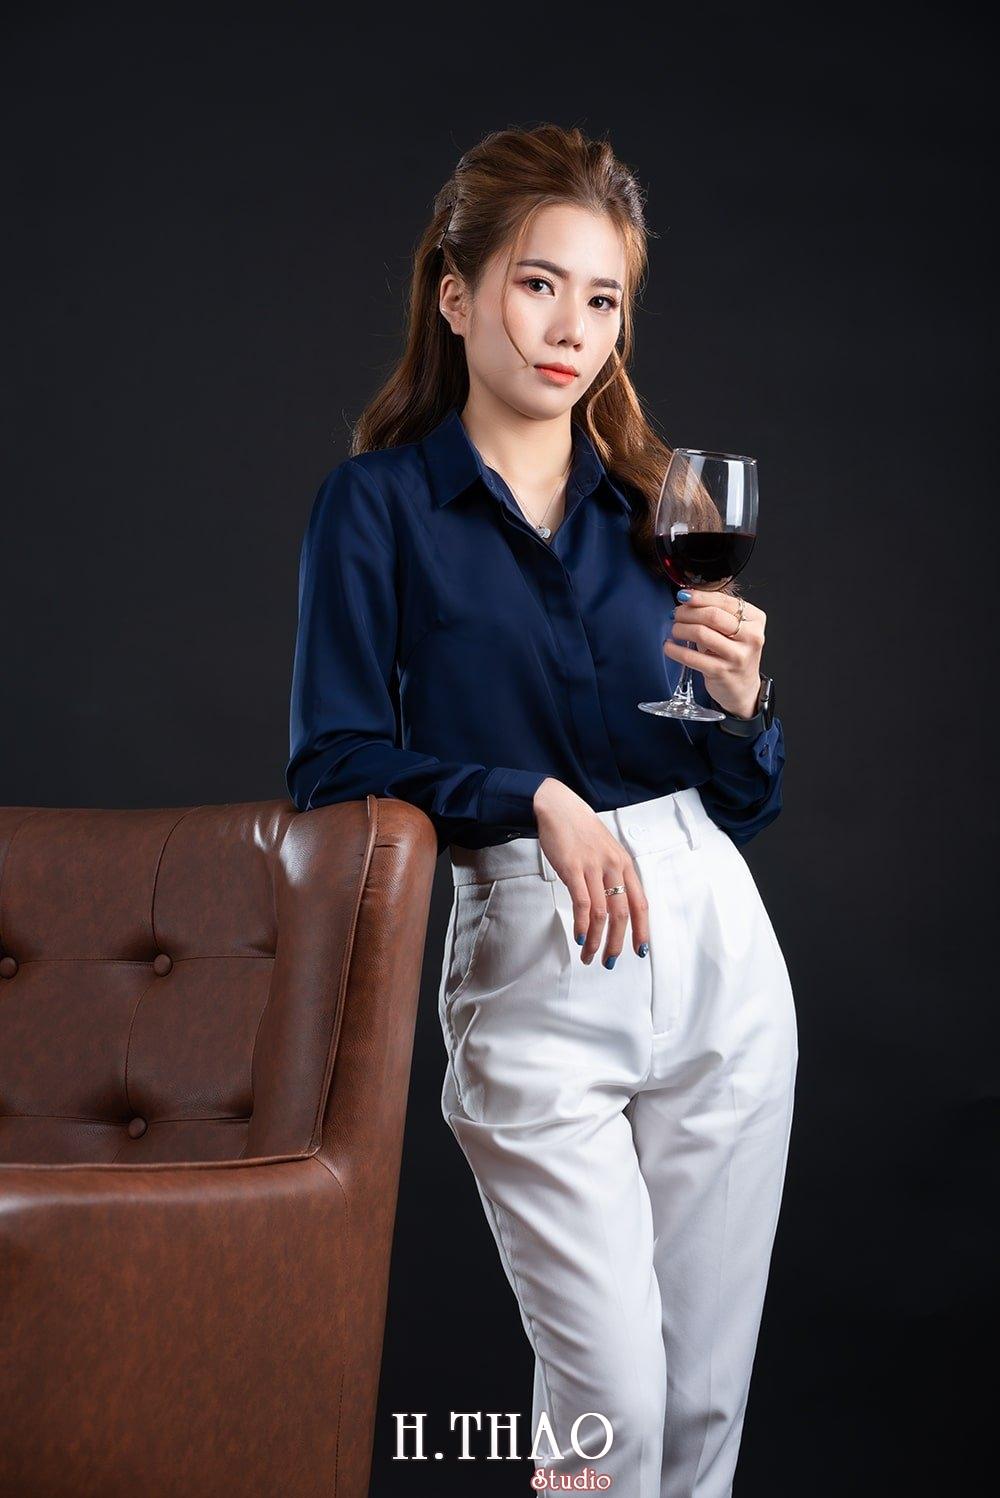 Doanh nhan tai chinh 13 - Album doanh nhân tài chính Ngọc Mai đẹp sang trọng - HThao Studio